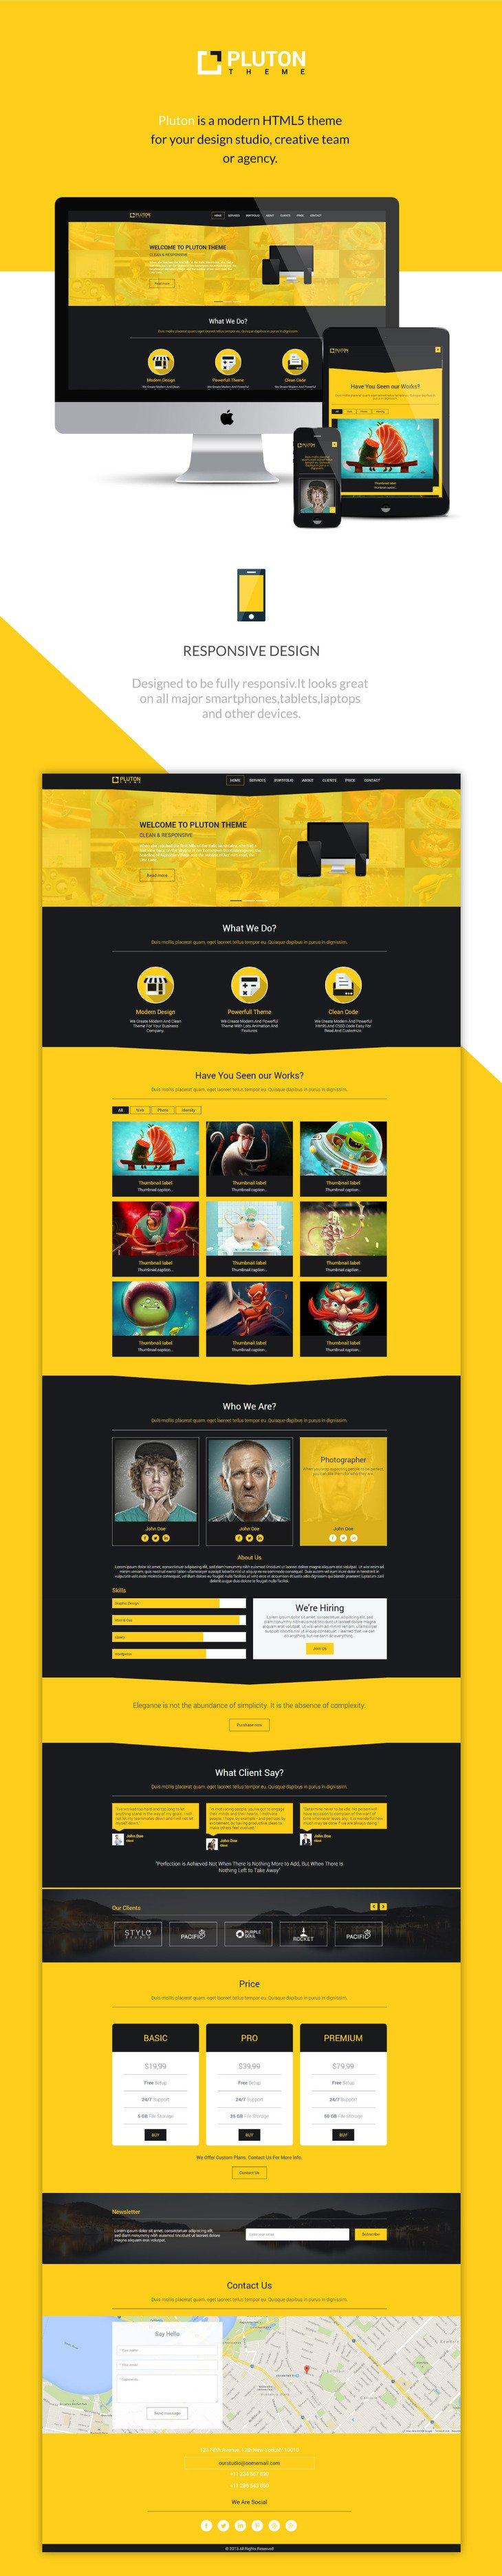 Pluton шаблон сайта (HTML5/CSS3/jQuery) скачать бесплатно